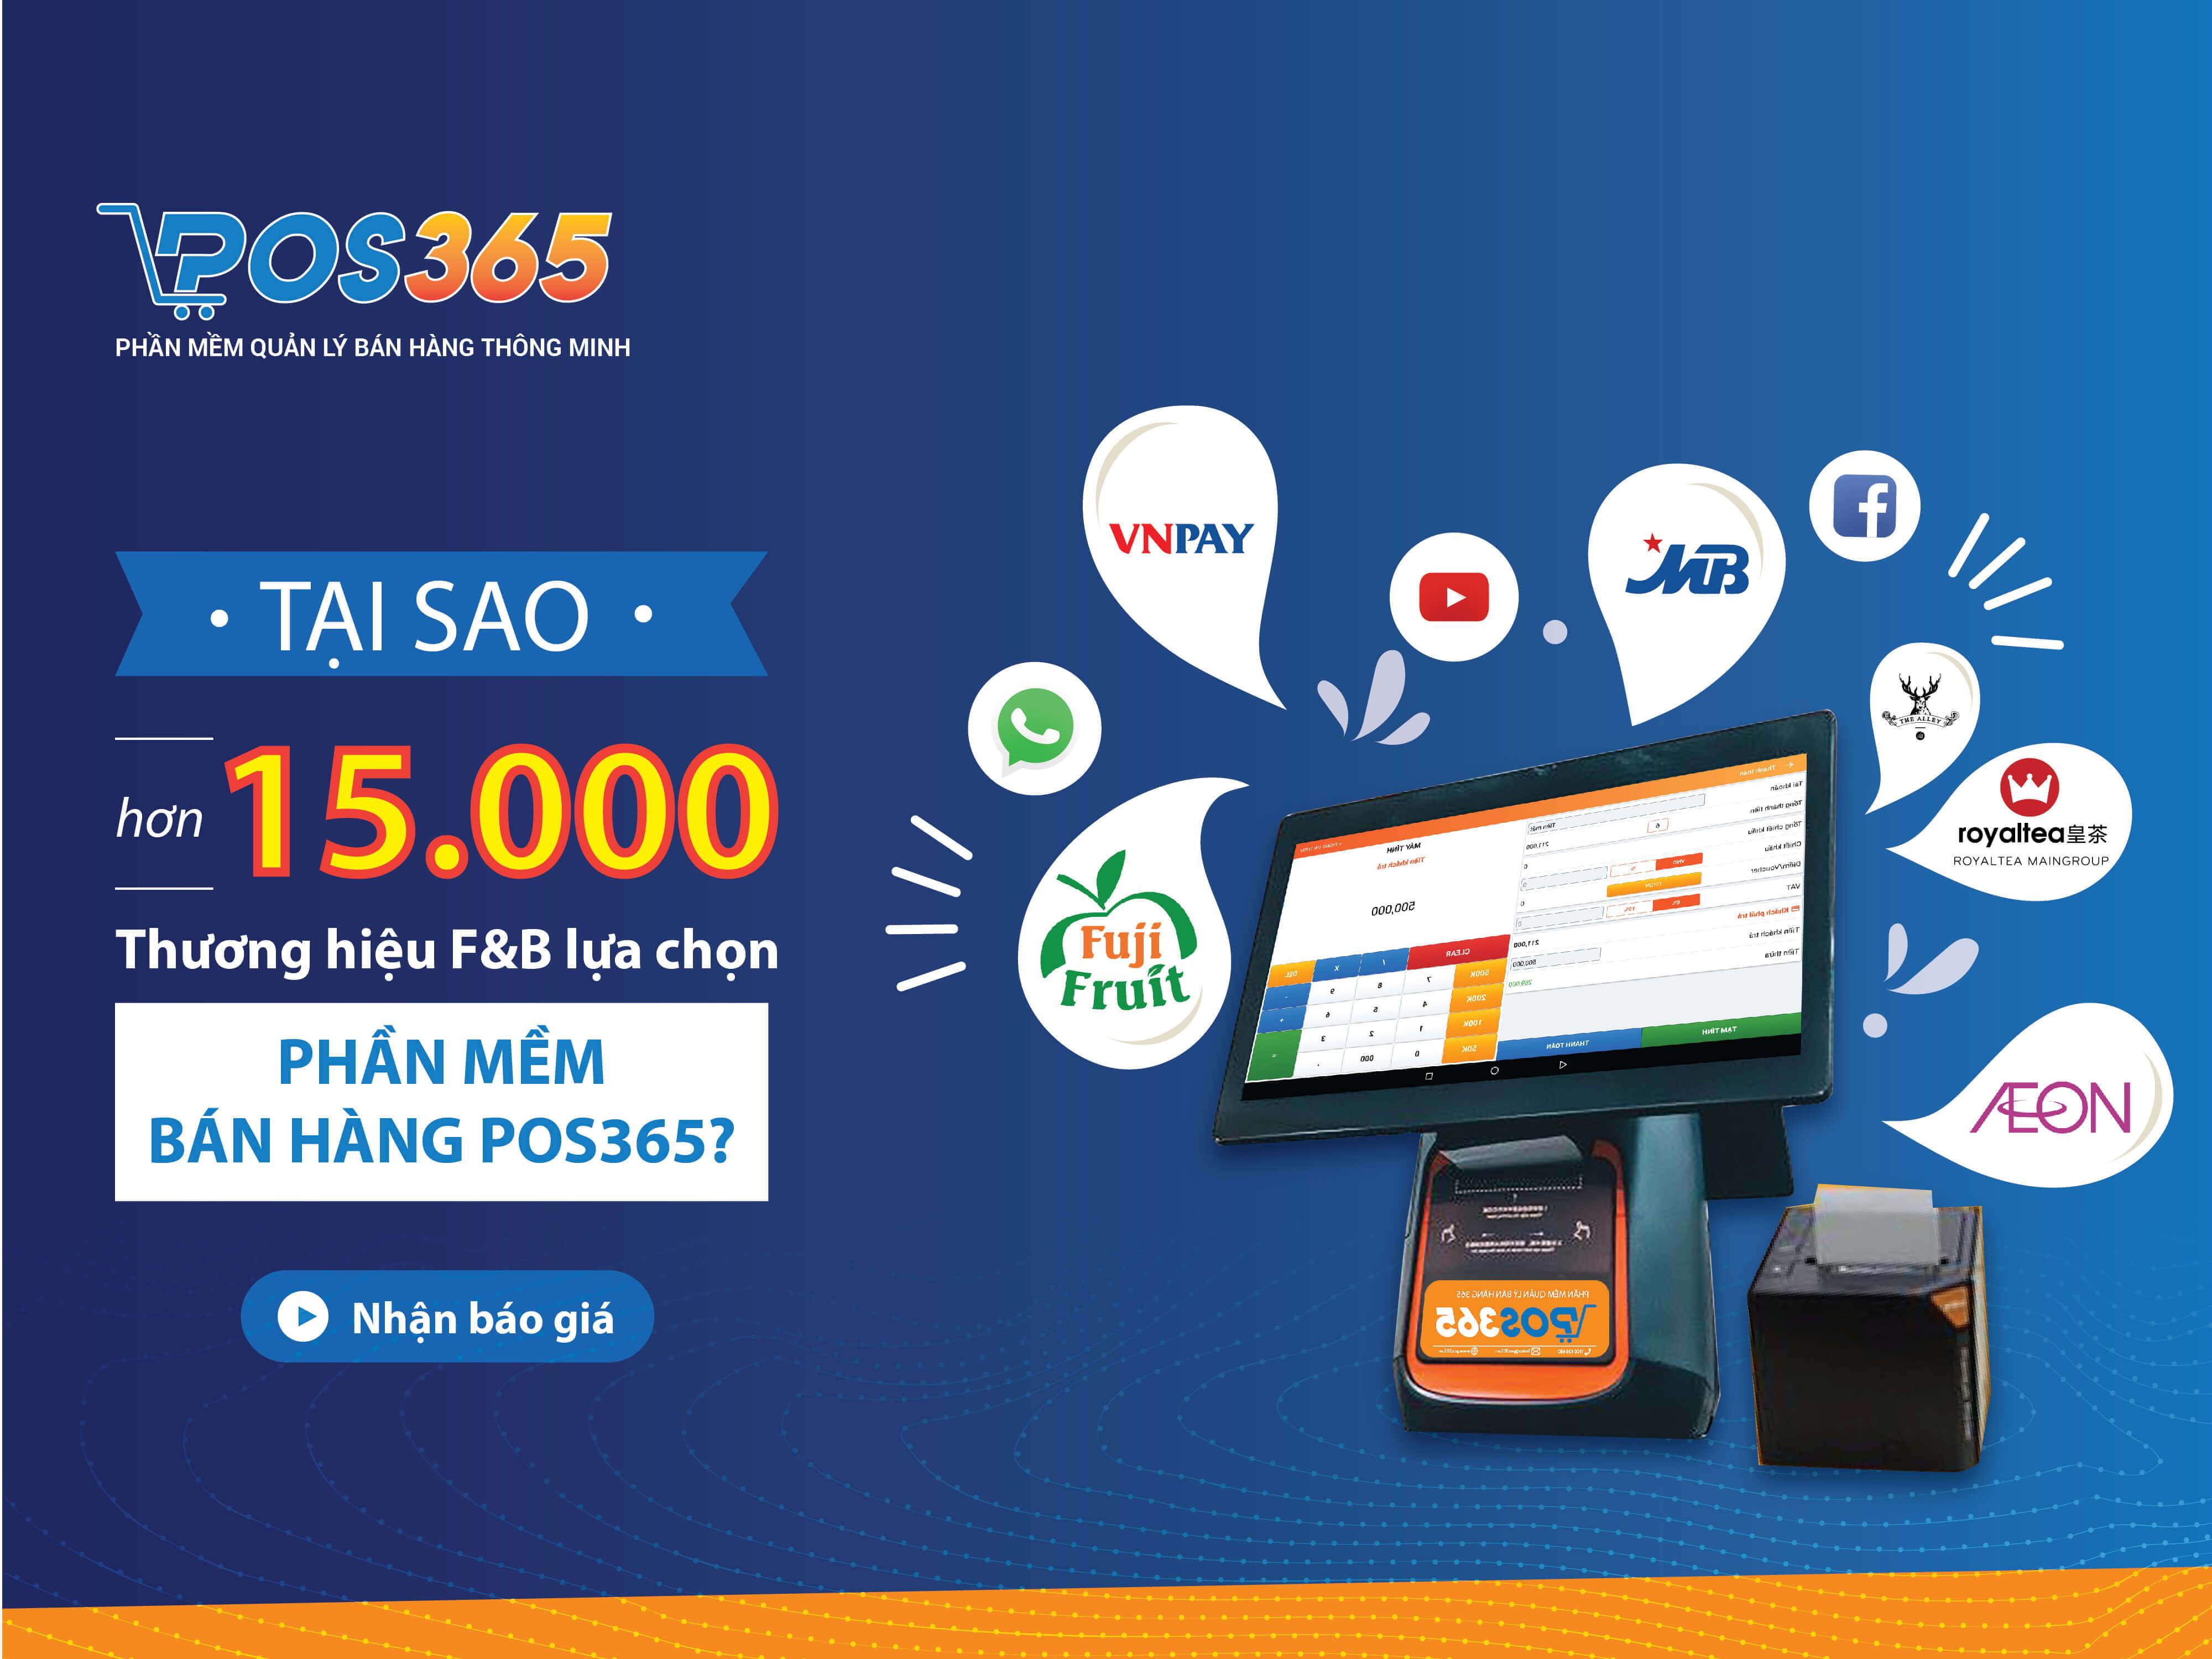 Tại sao 15.000+ thương hiệu F&B lựa chọn phần mềm POS365?